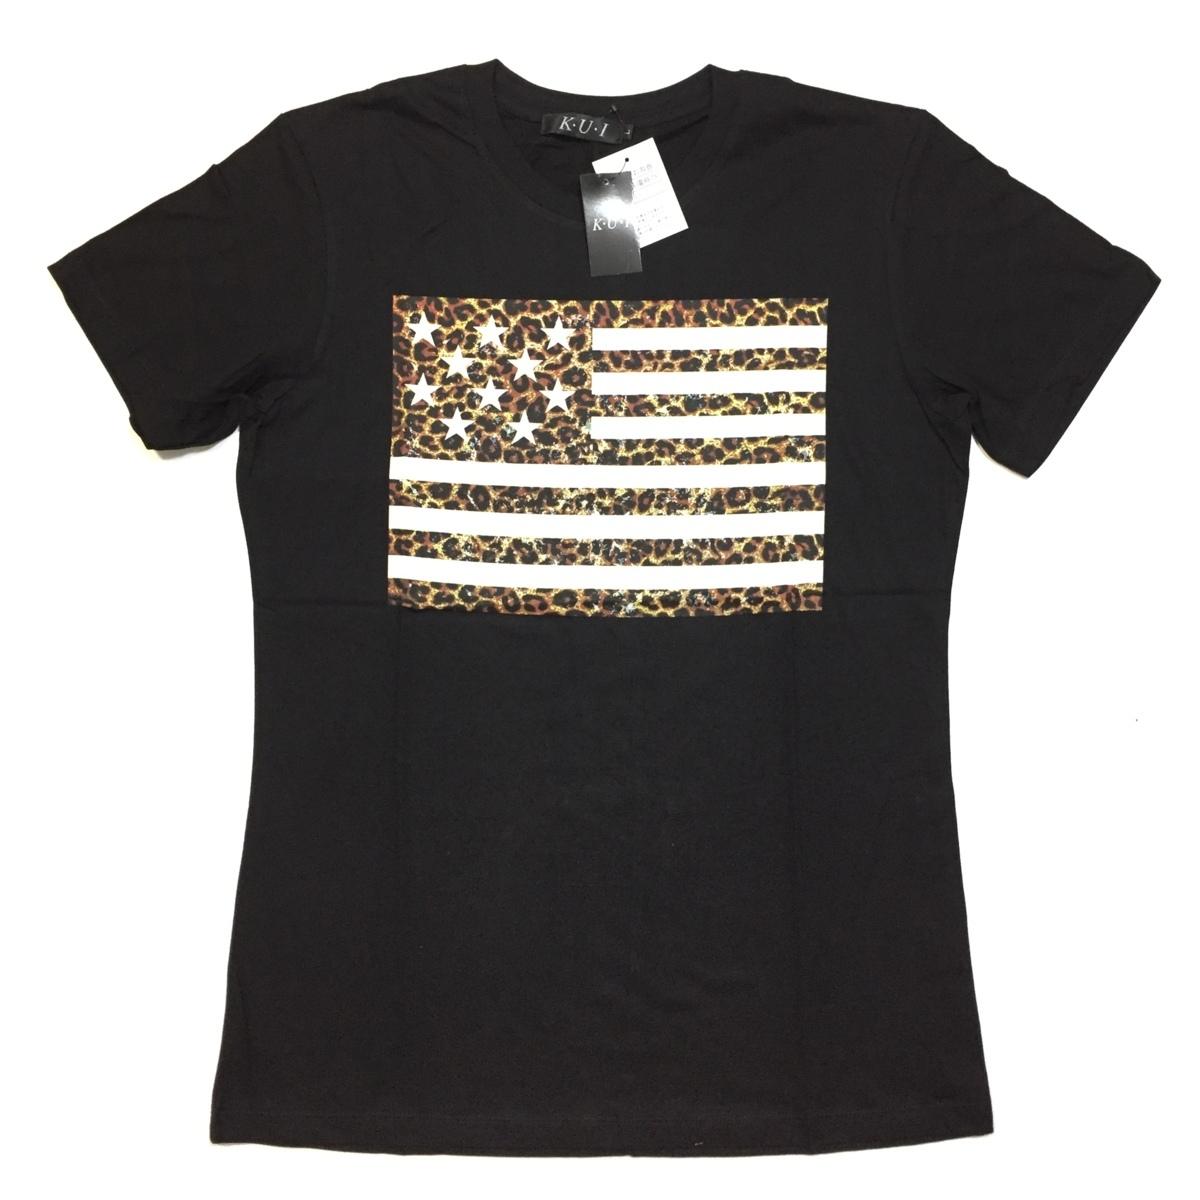 【卸売り】2枚セット メーカー希望小売価格¥3,190 新品 レオパード ヒョウ柄 星条旗 Tシャツ Lサイズ アメカジ ビター系_画像6